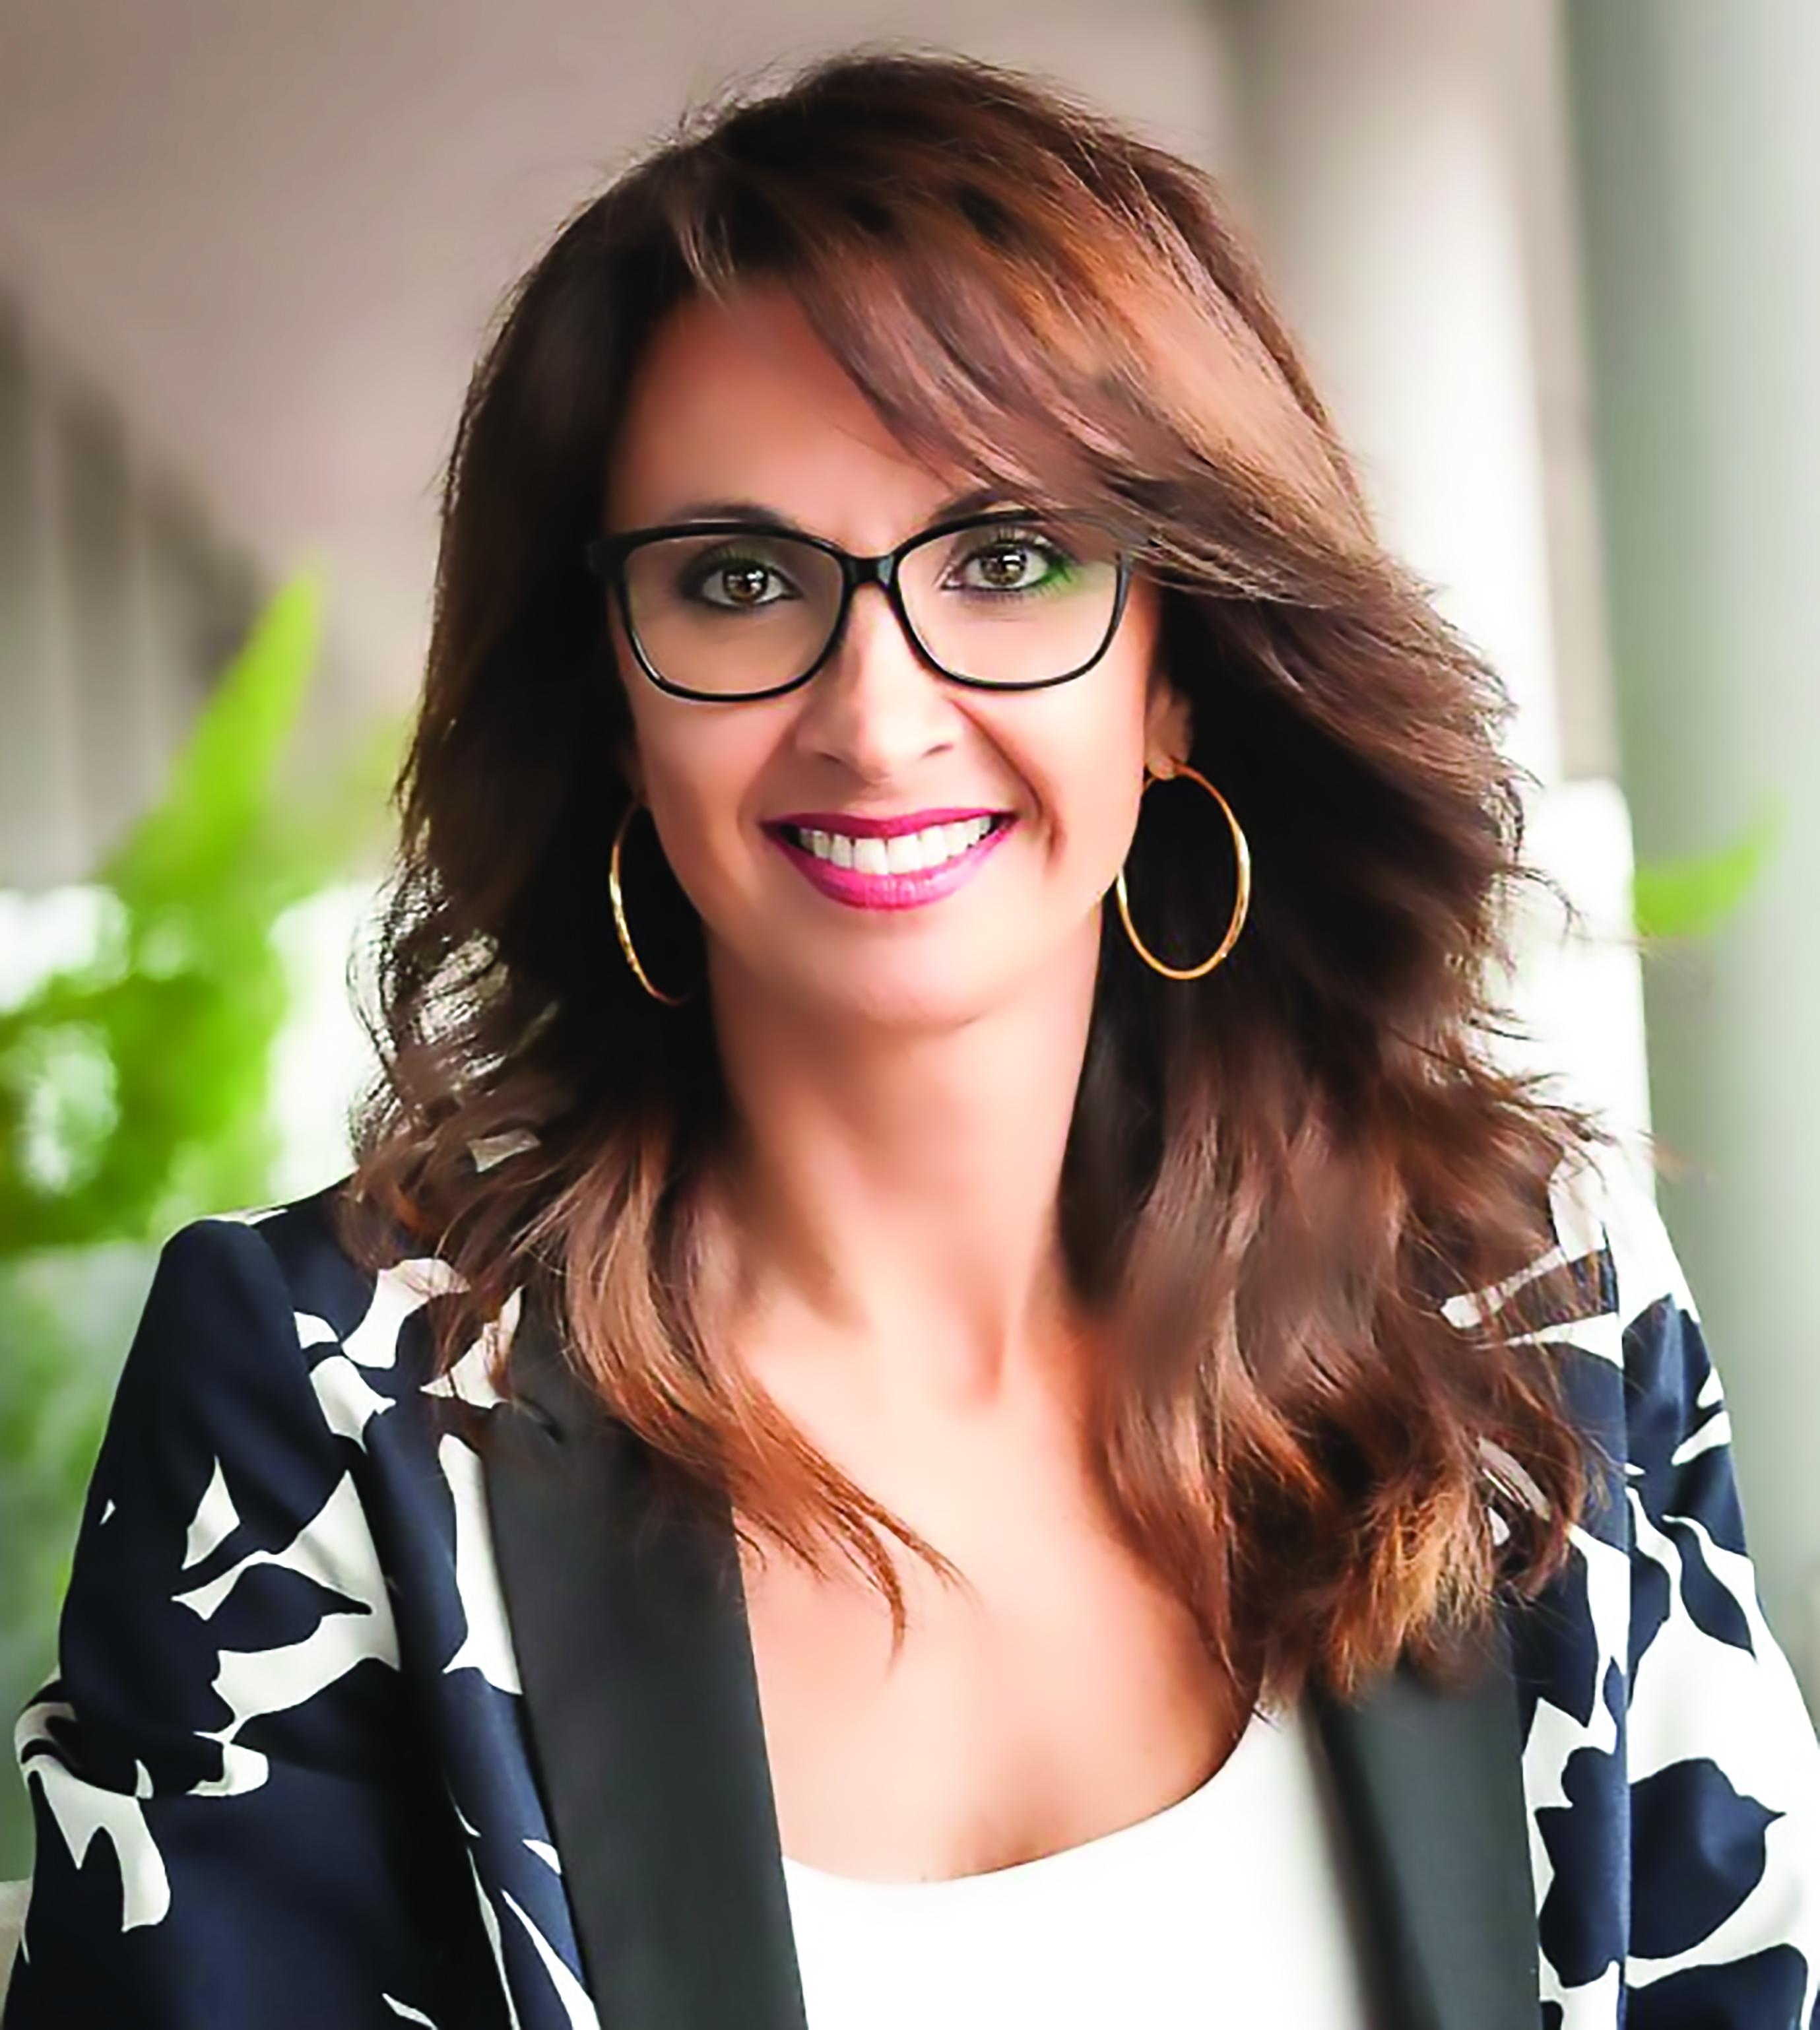 Chiara Cirinnà